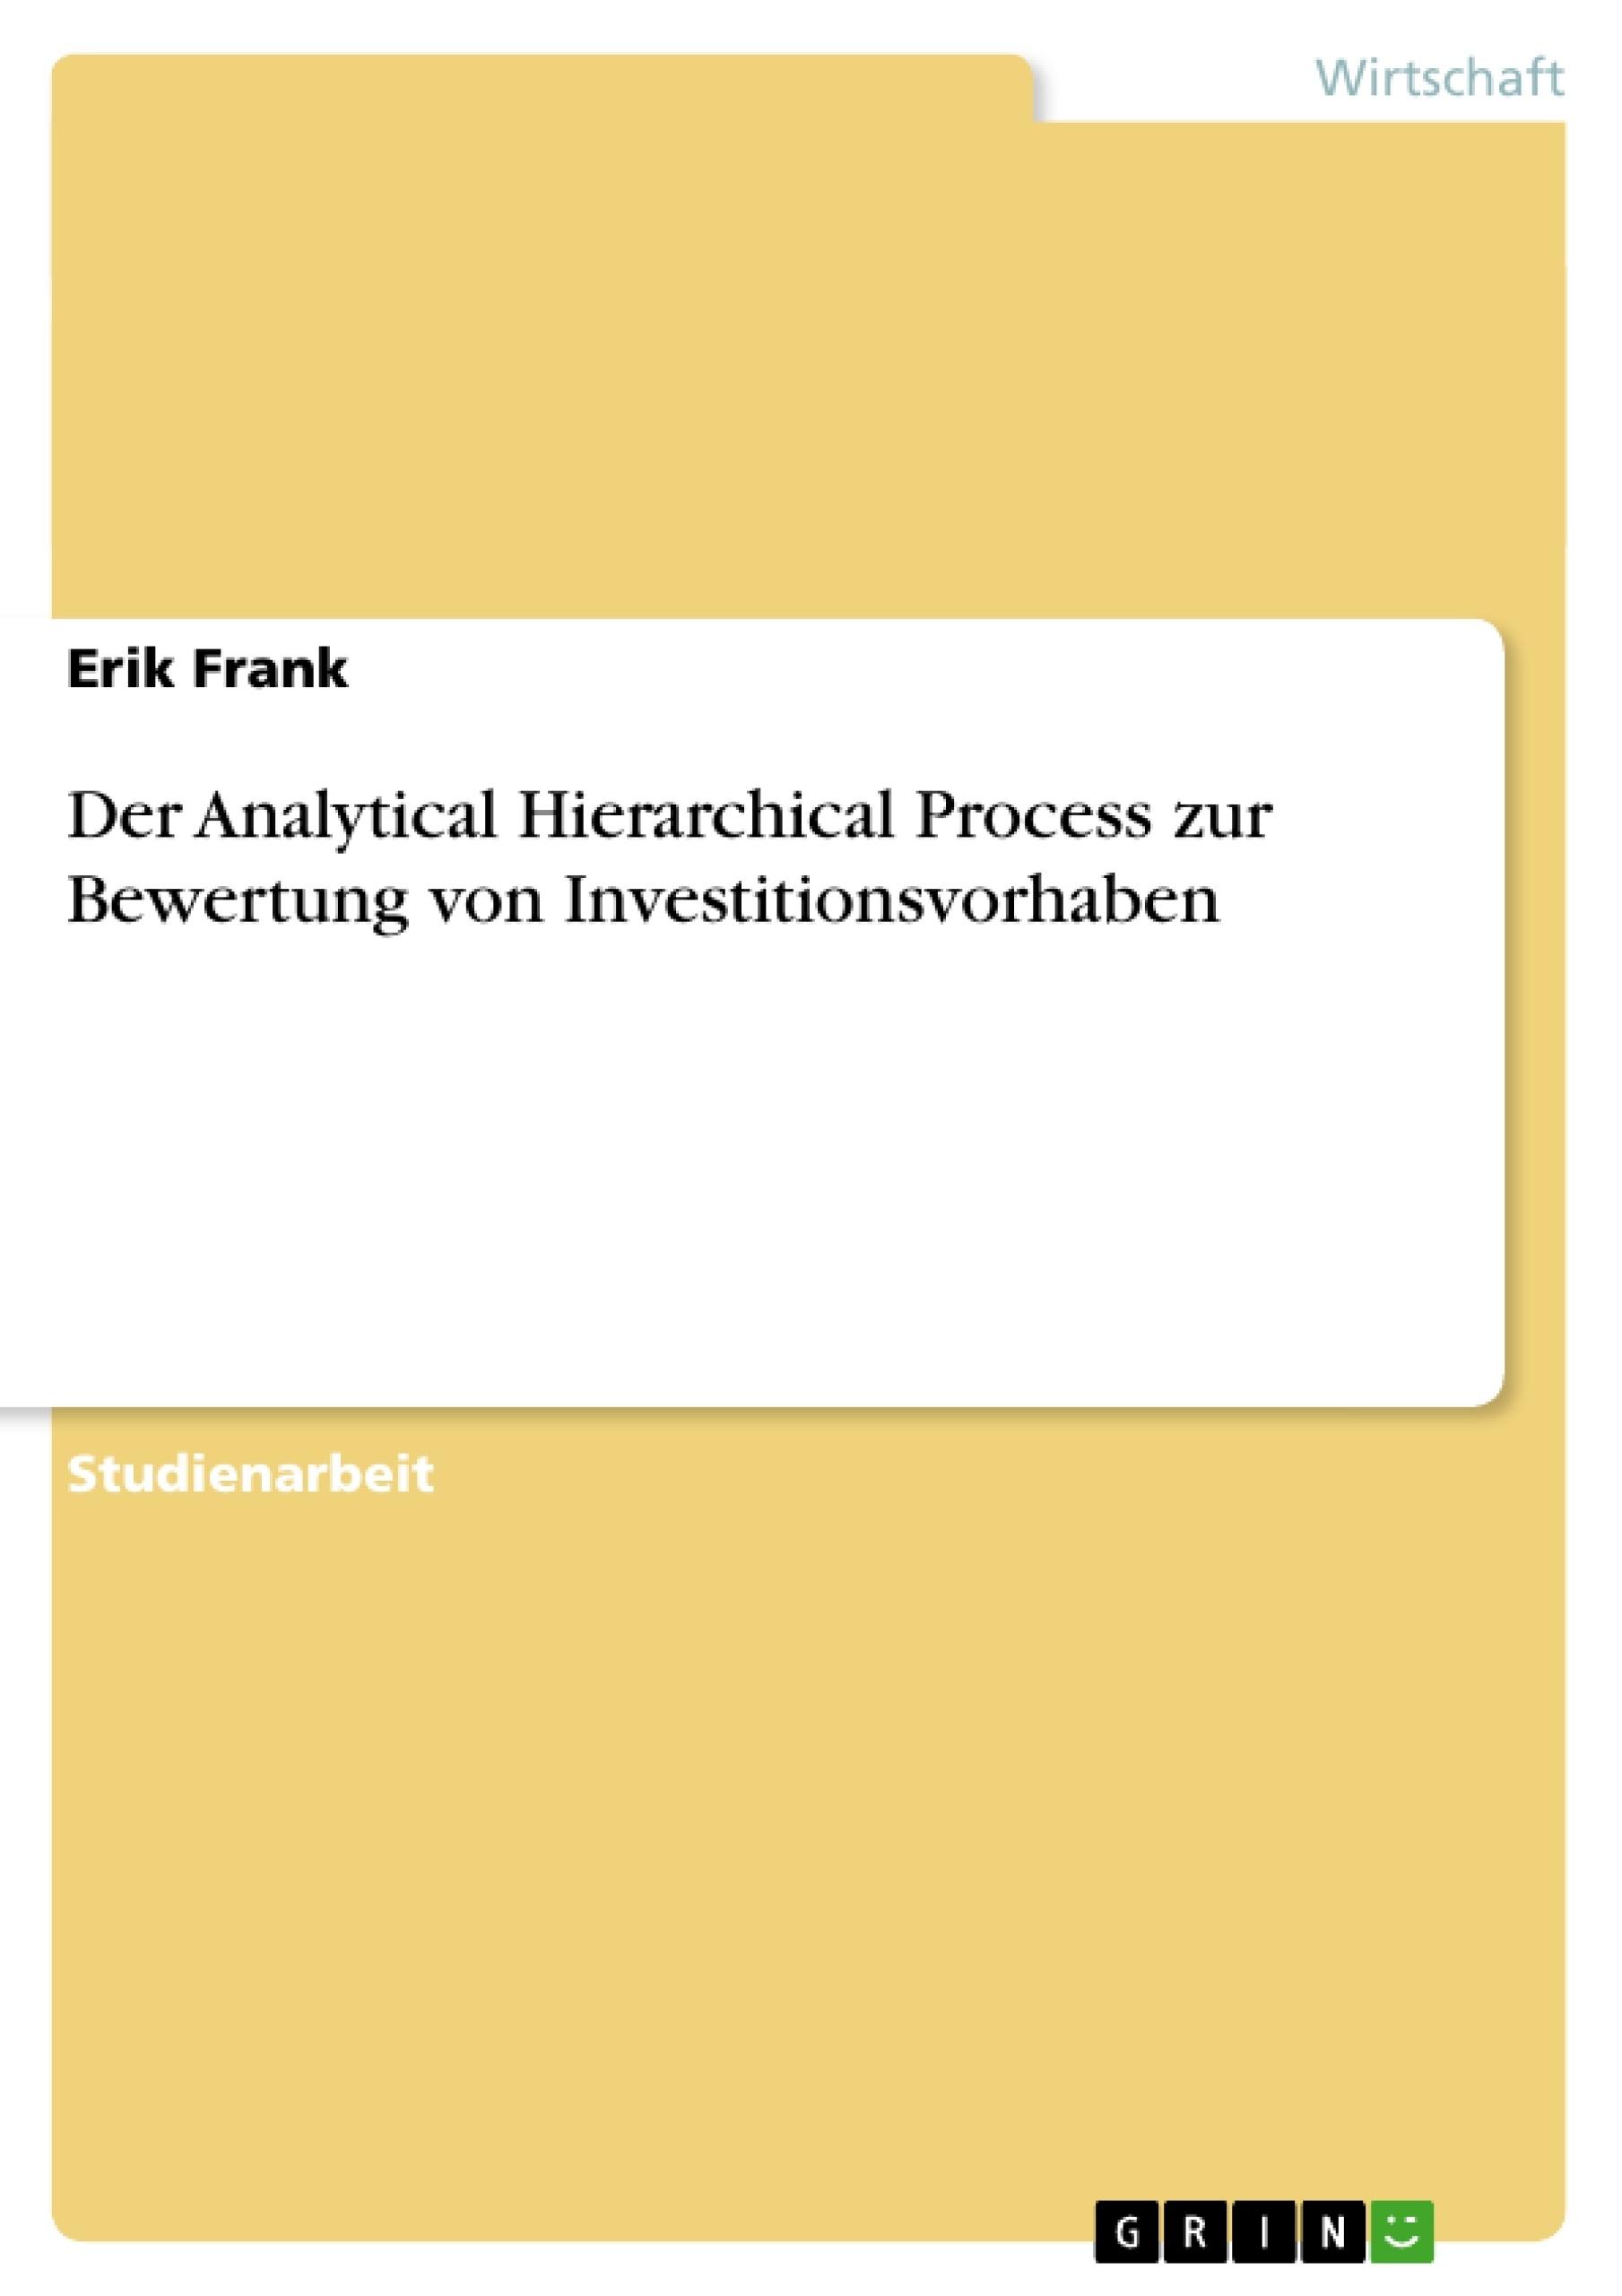 Titel: Der Analytical Hierarchical Process zur Bewertung von Investitionsvorhaben